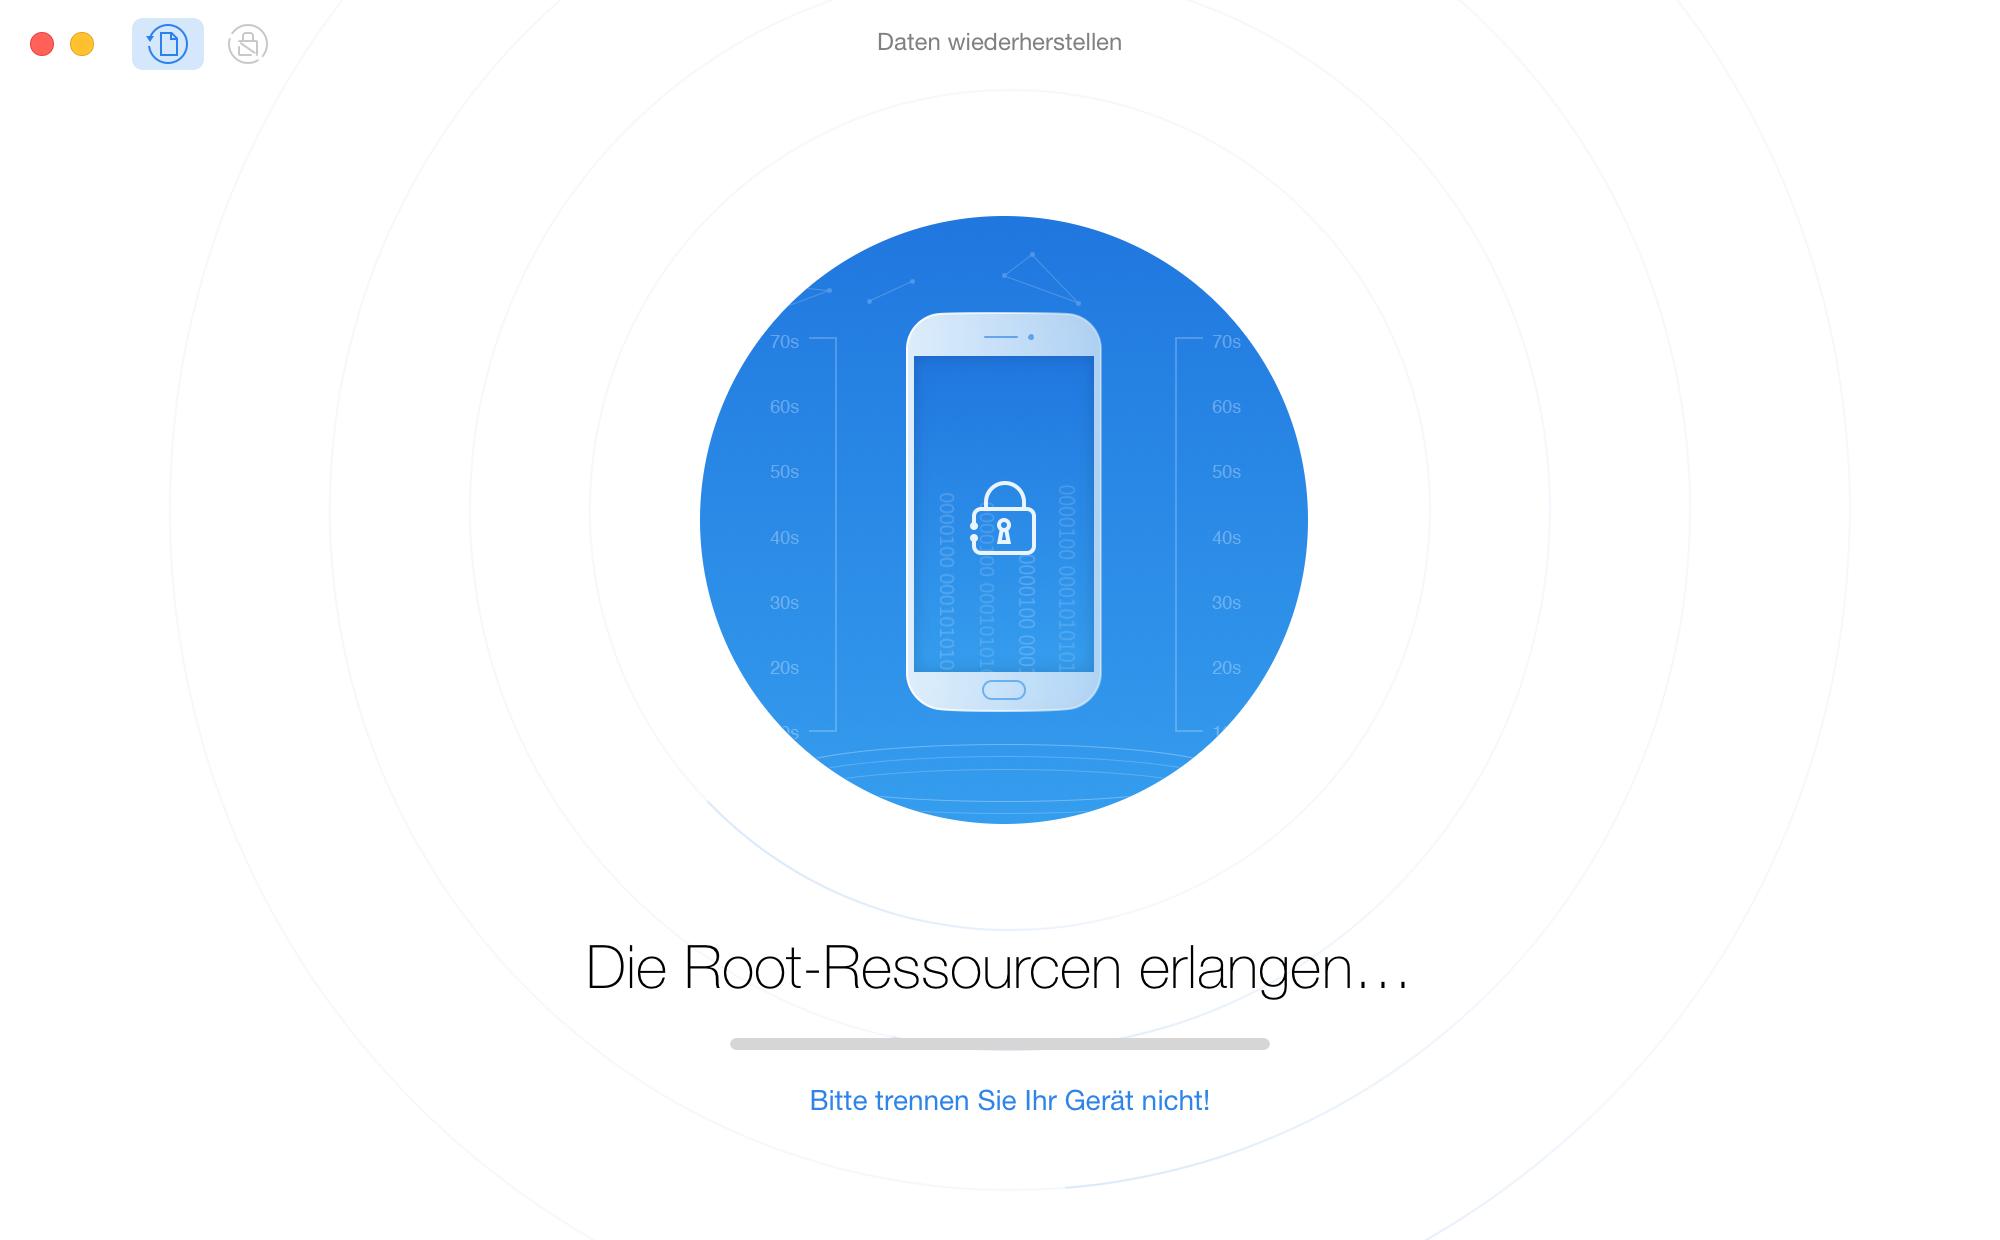 Android-Gerät rooten